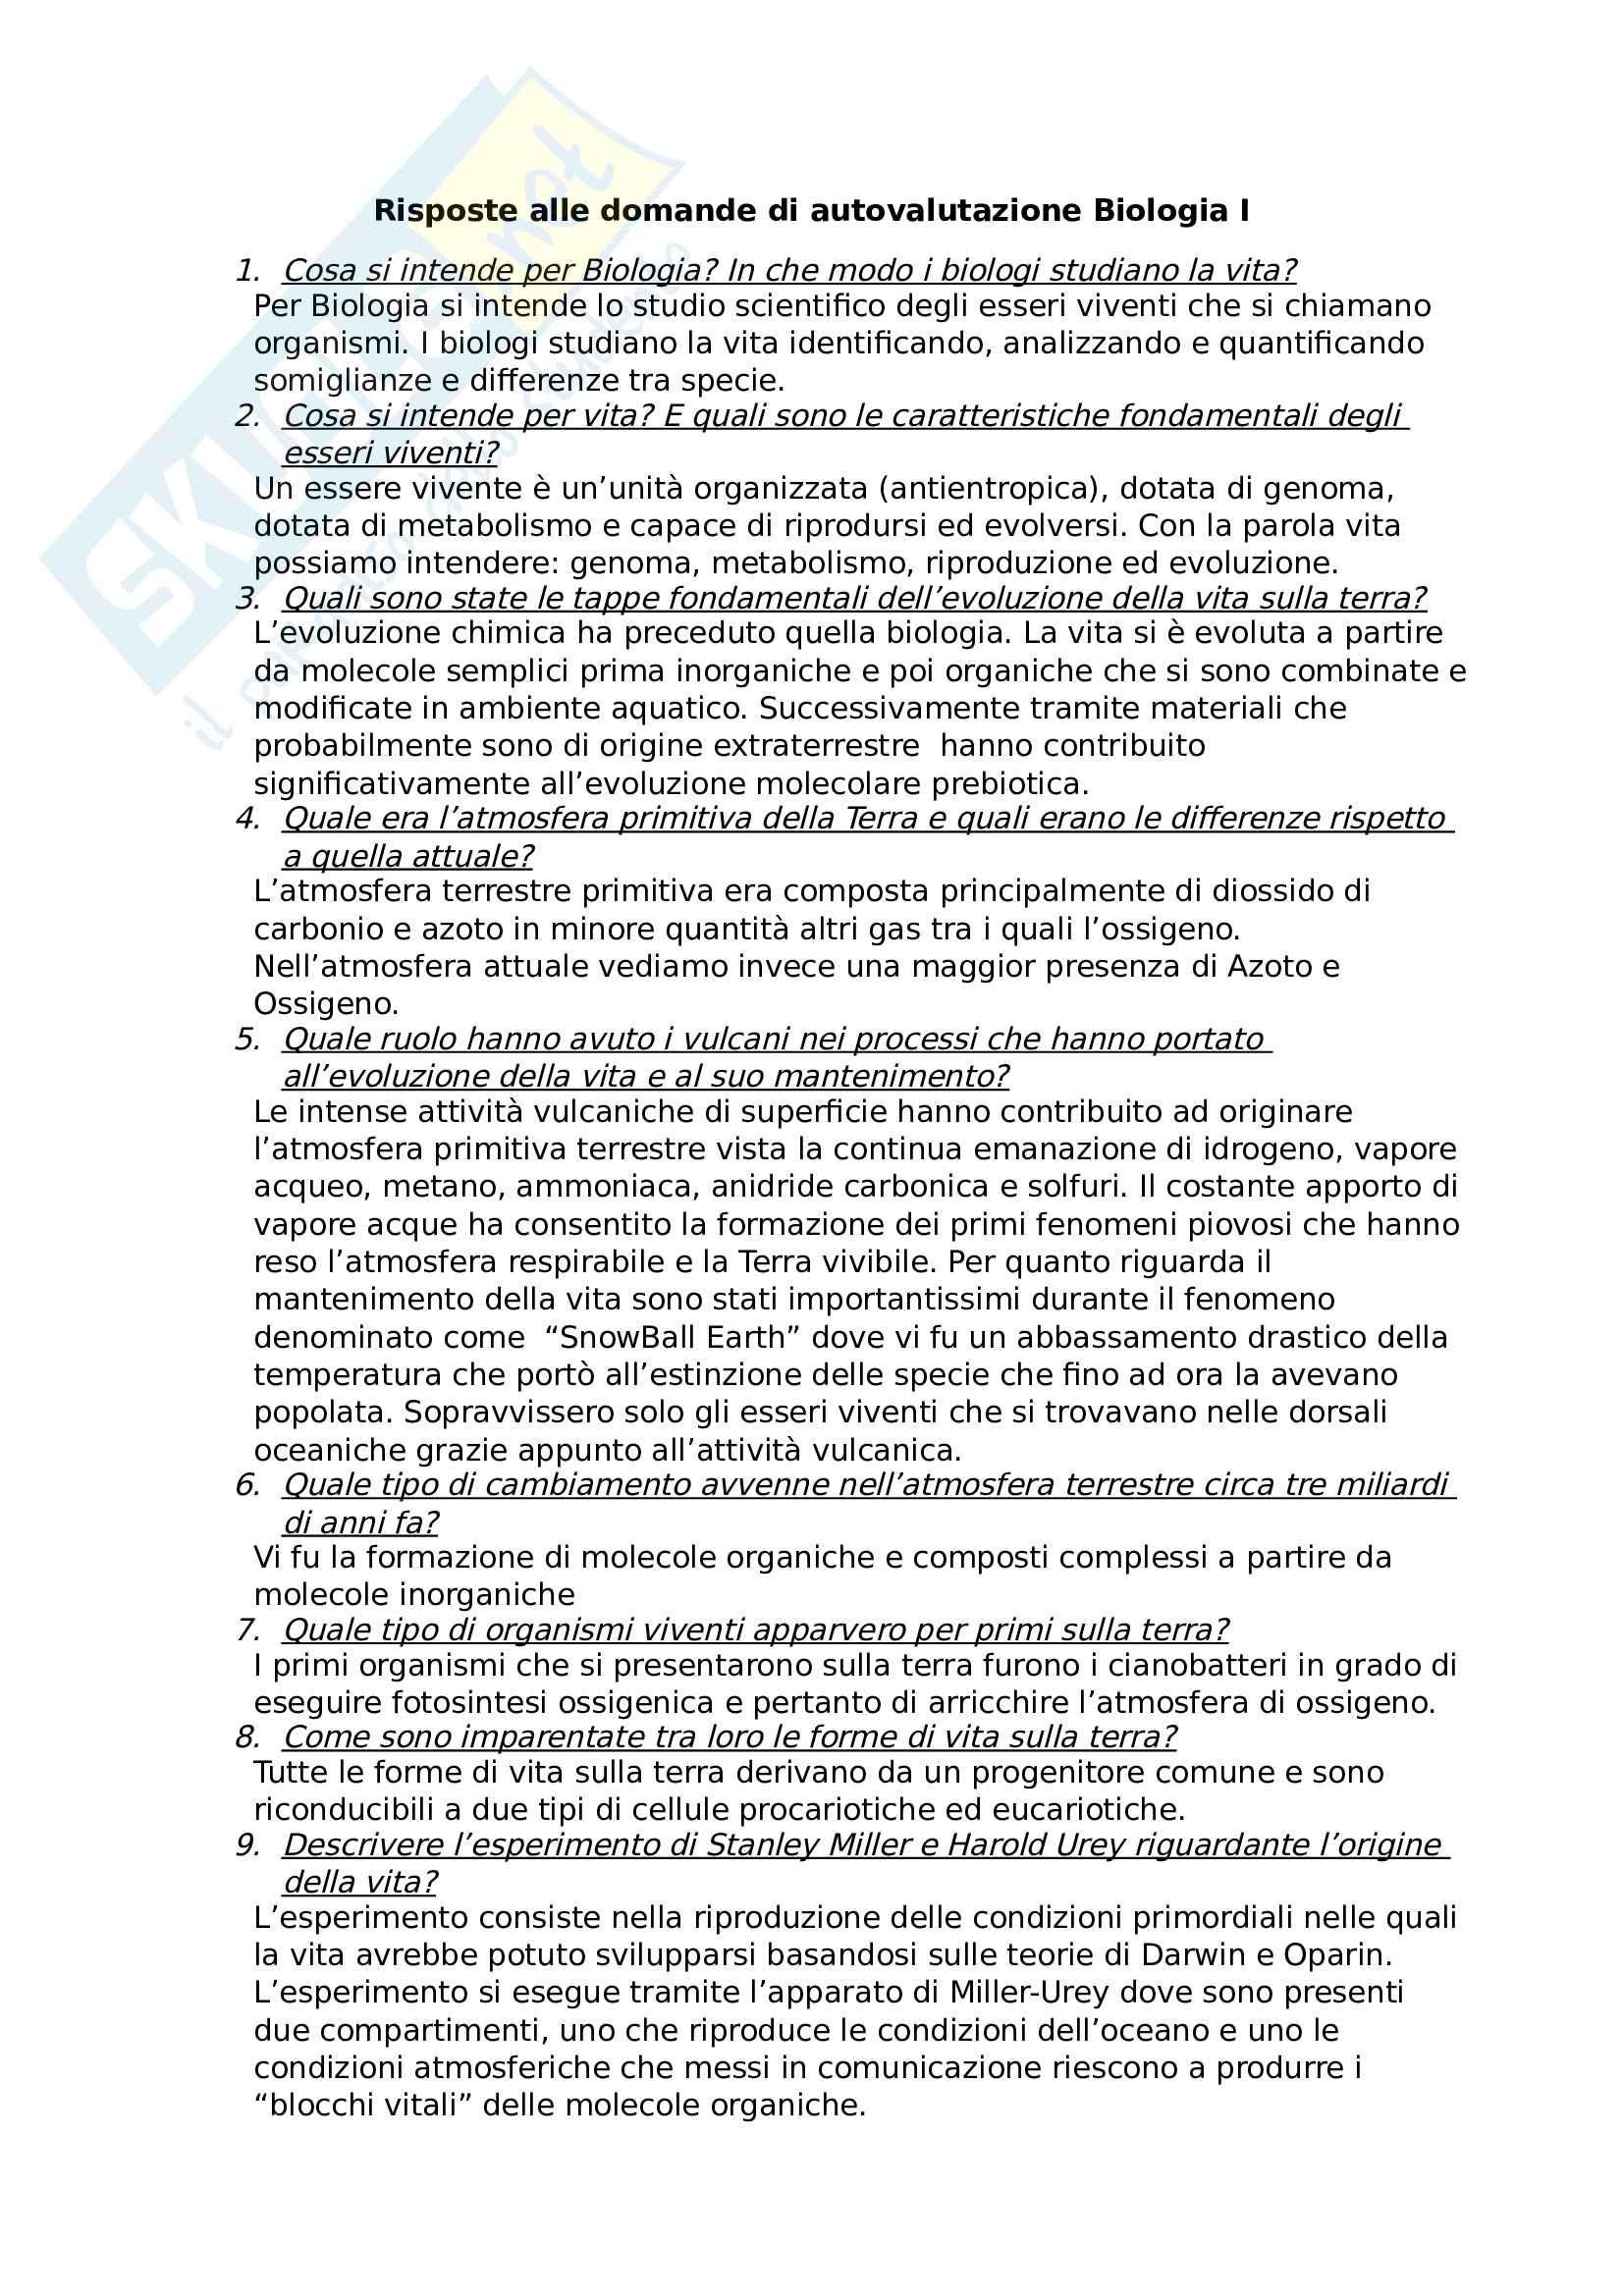 Risposte prima parte domande per esame Biologia